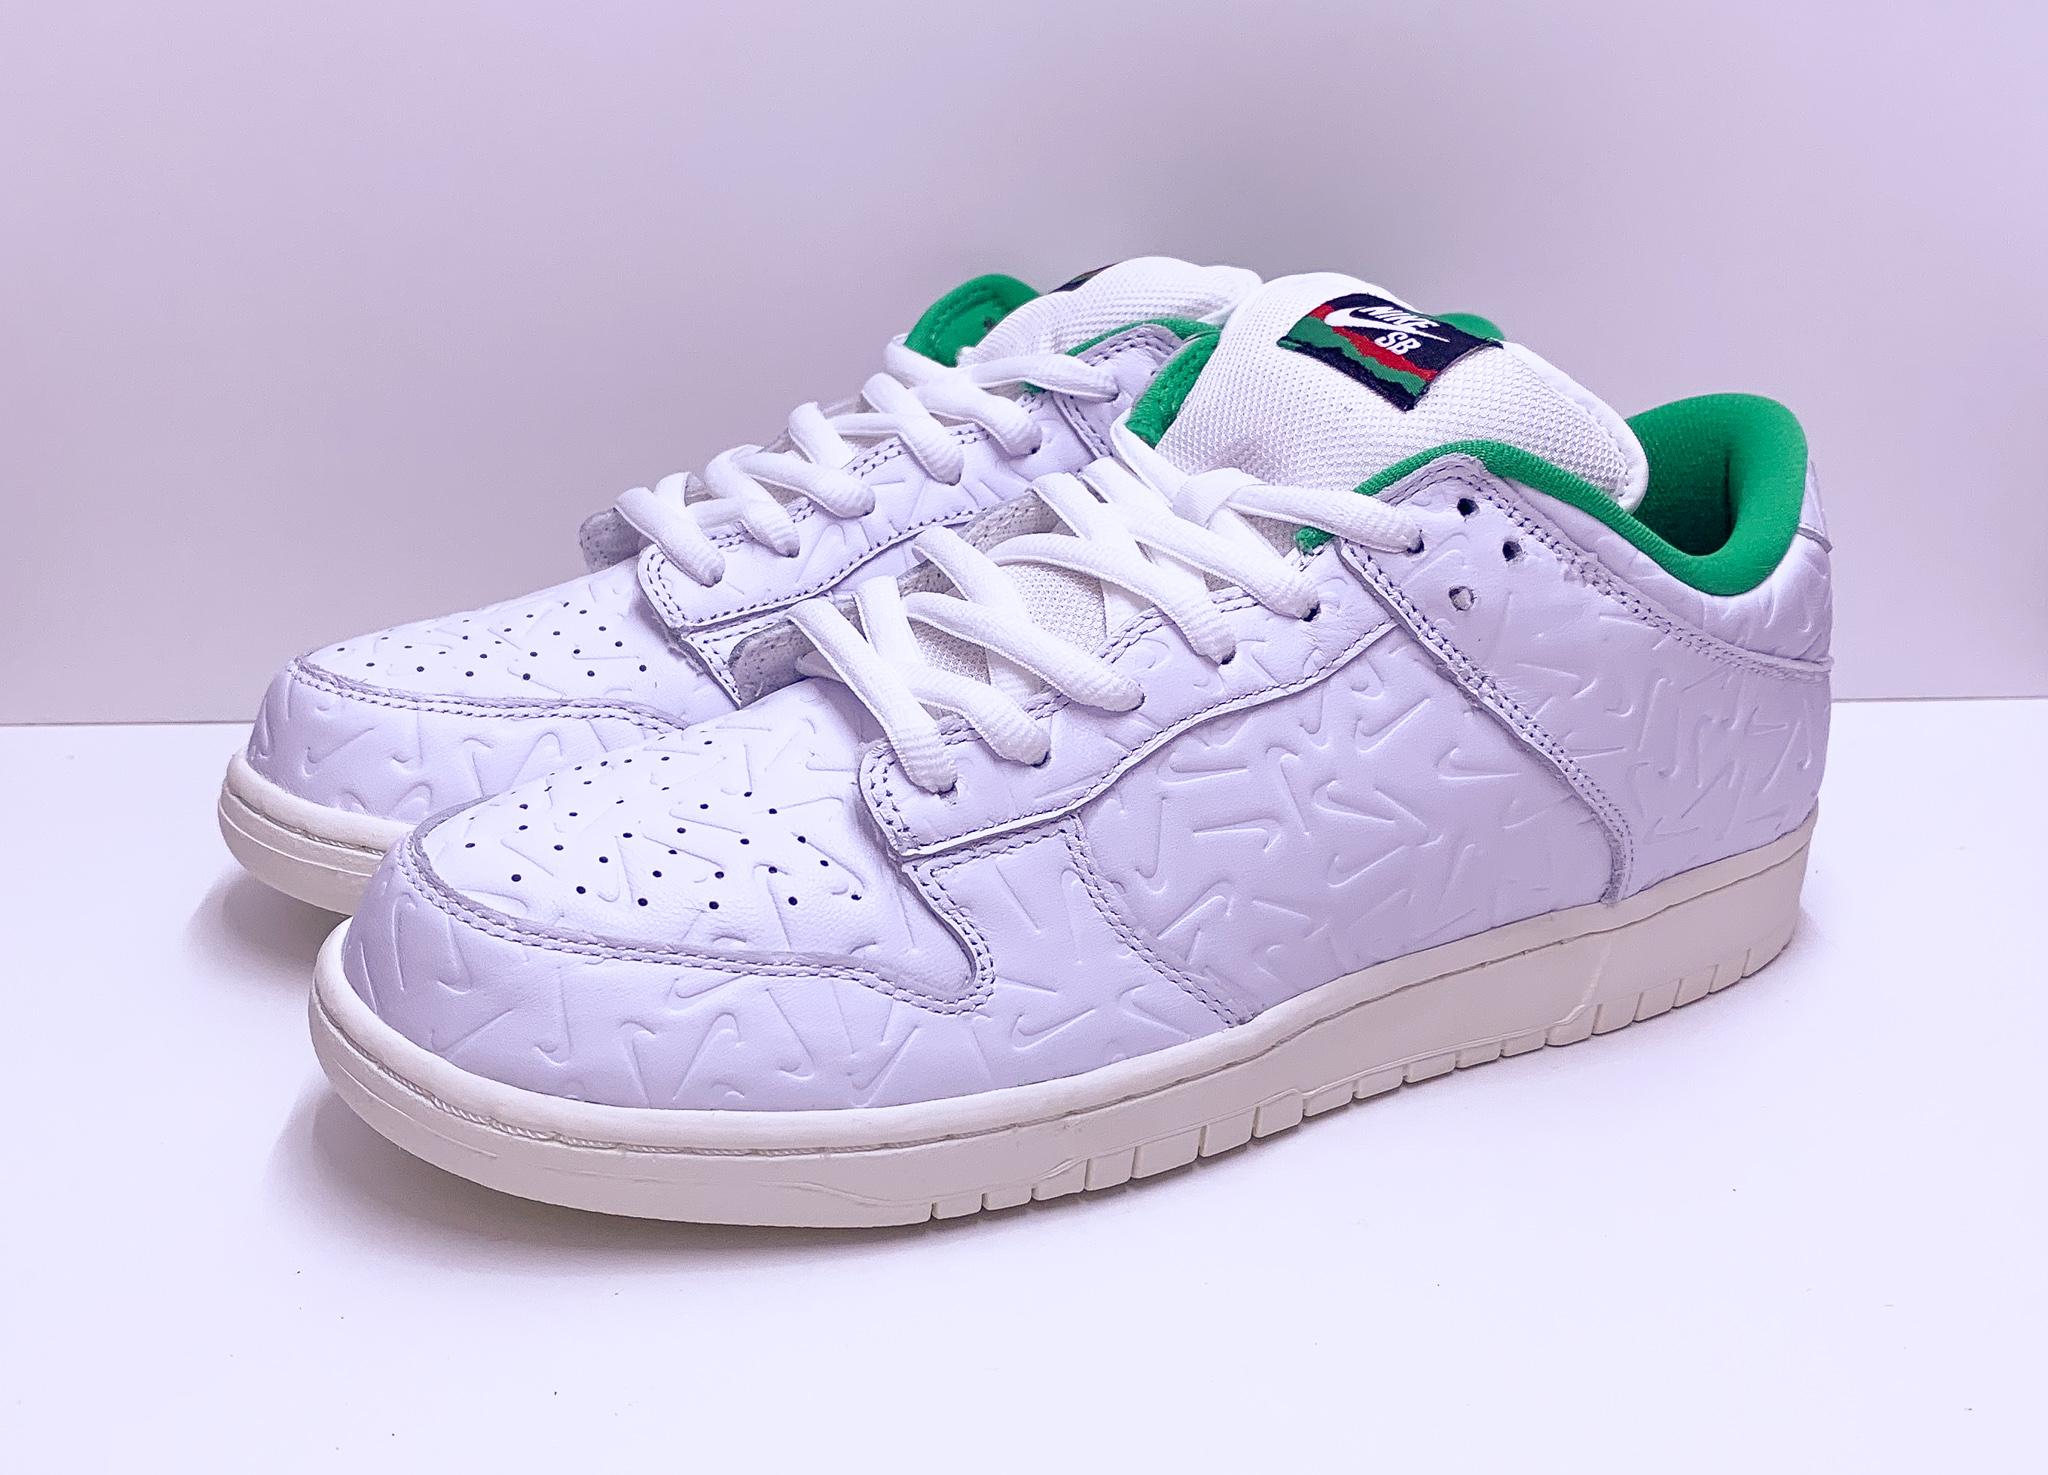 Nike SB Dunk Low Ben-G